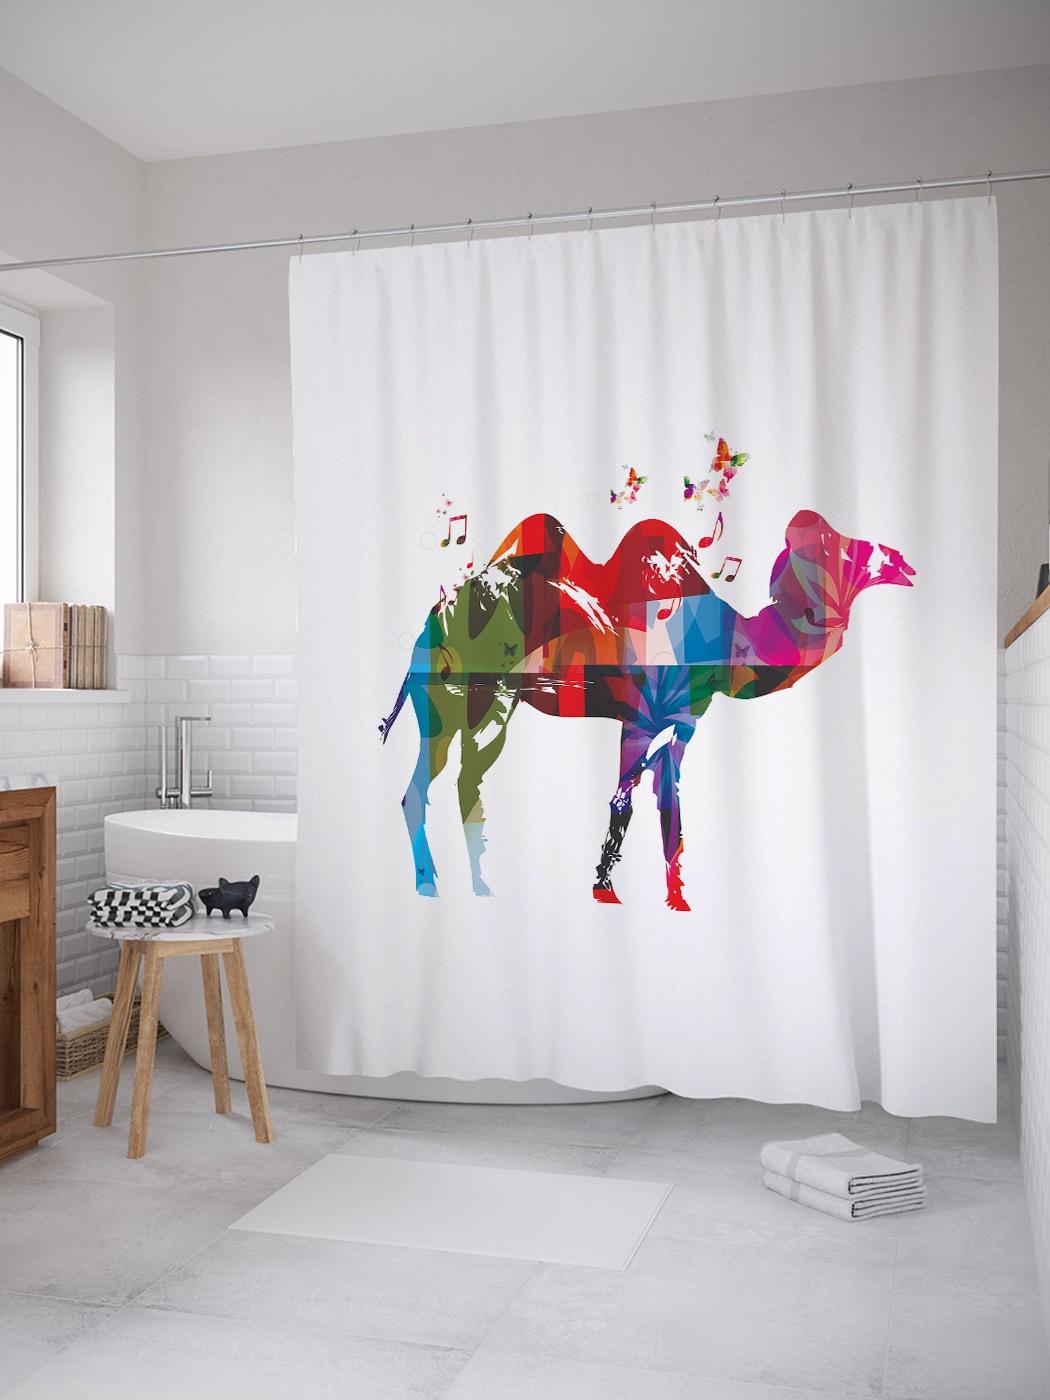 Штора (занавеска) для ванной «Абстрактный верблюд» из ткани, 180х200 см с крючками